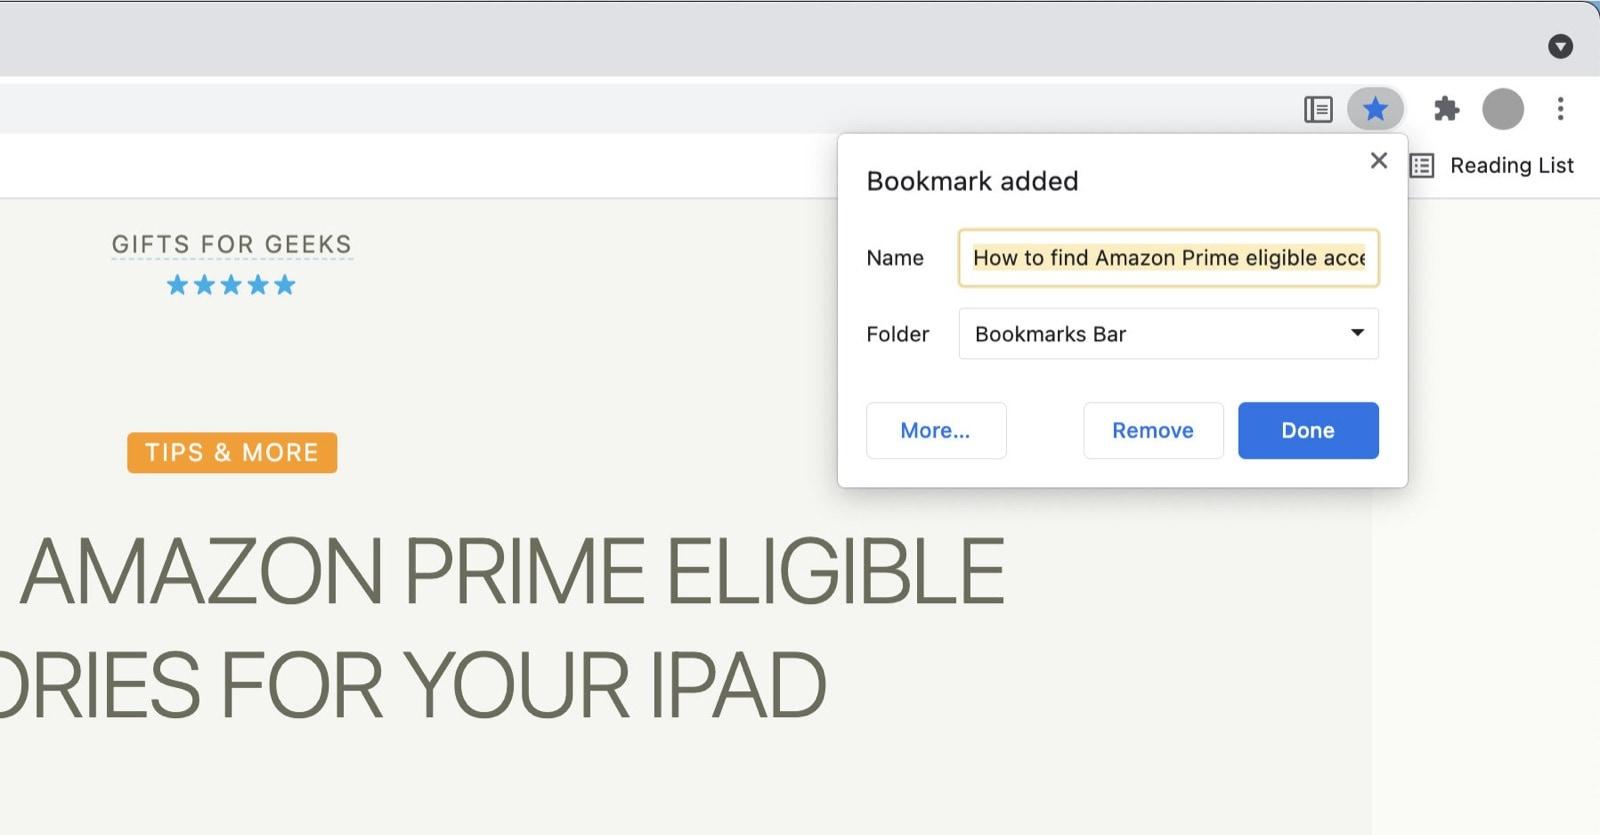 Google Chrome - skip Reading List when adding bookmark